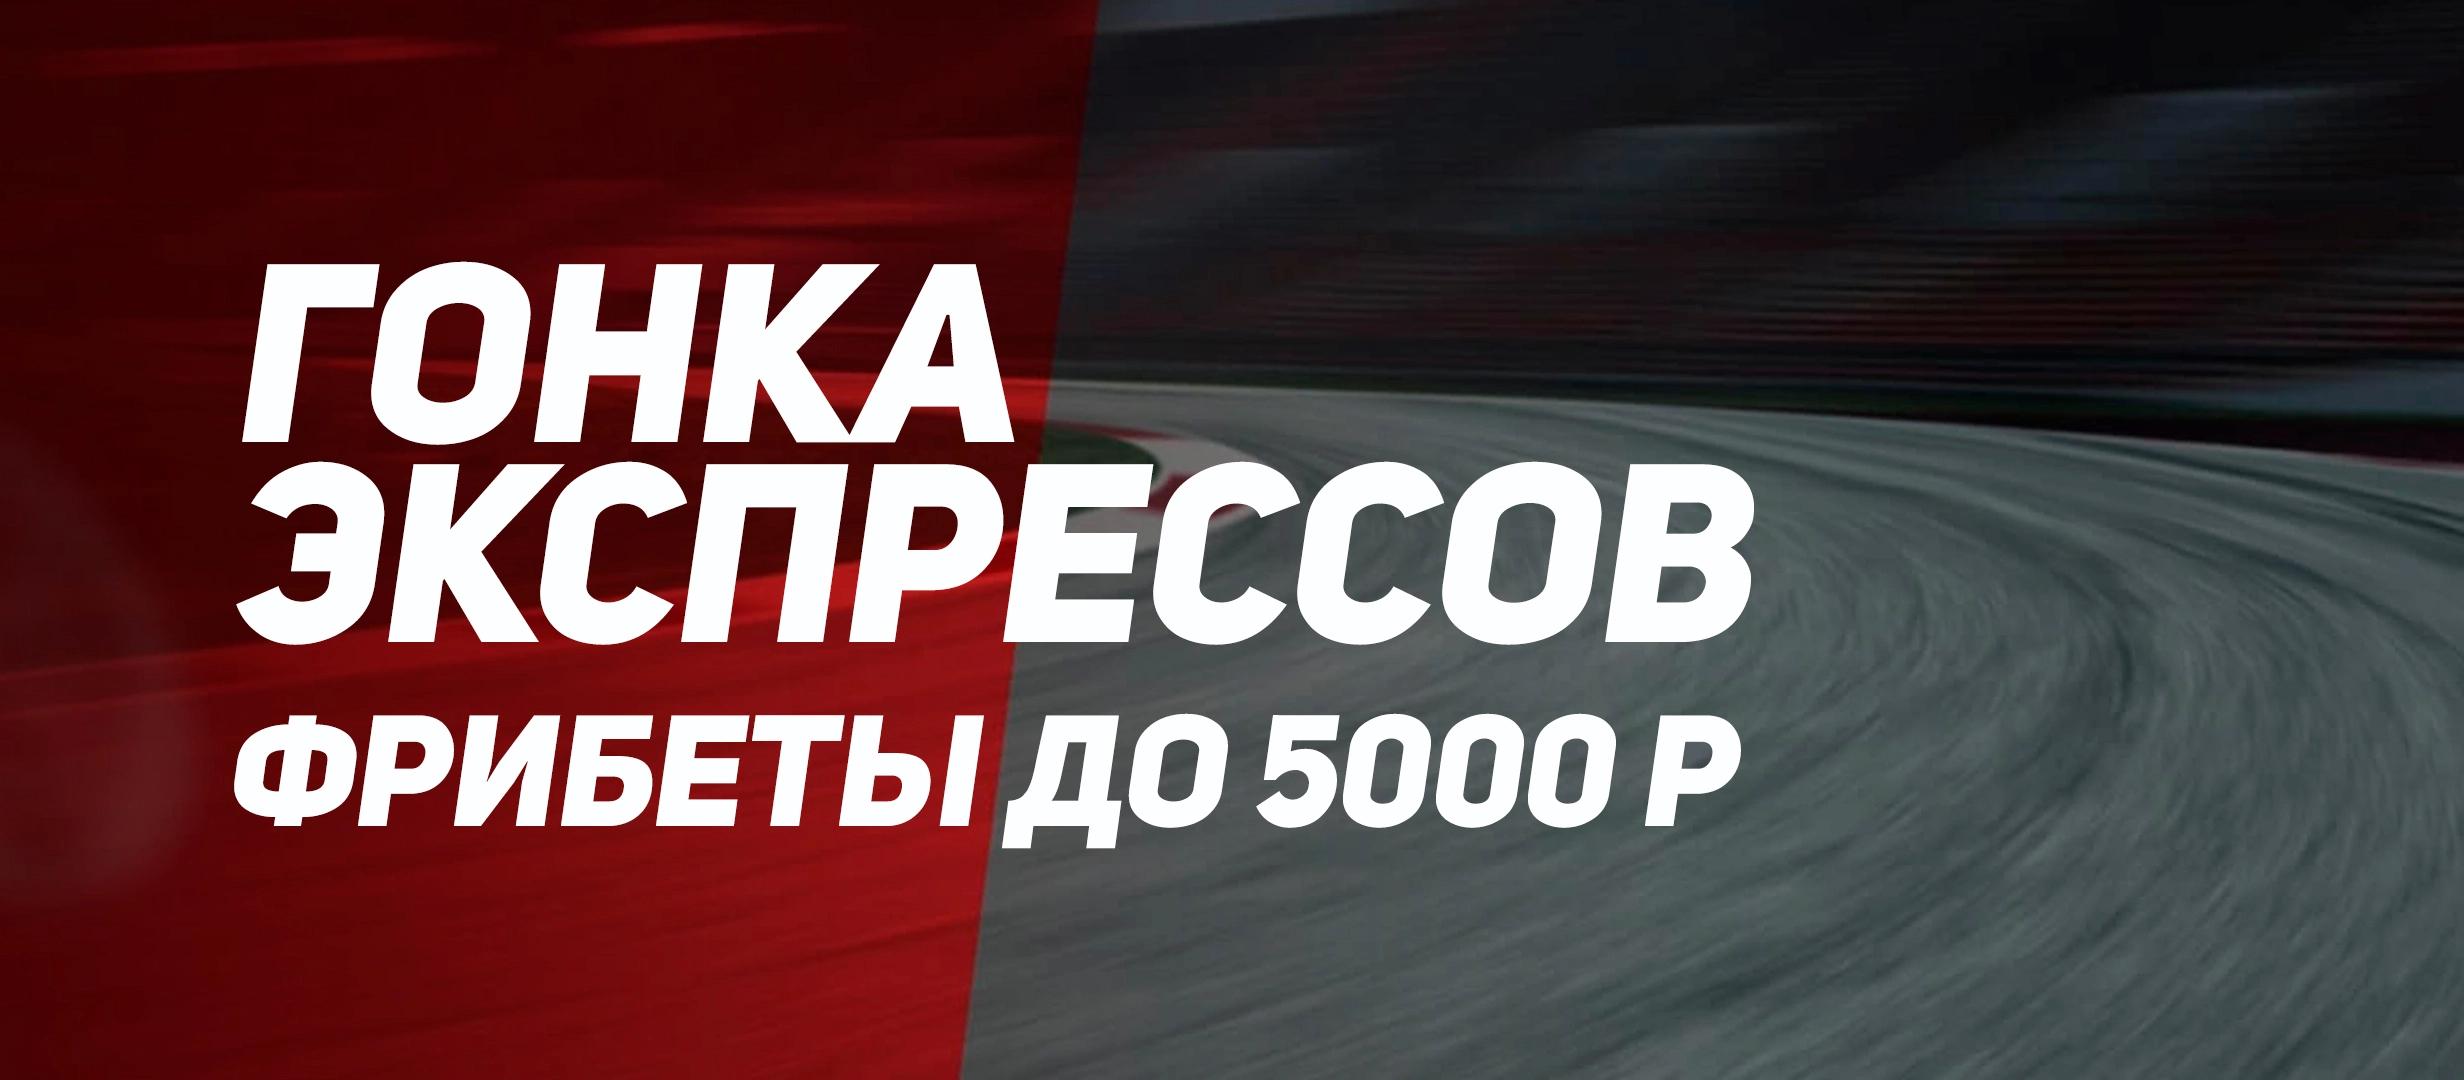 Фрибет от 888 5000 ₽.